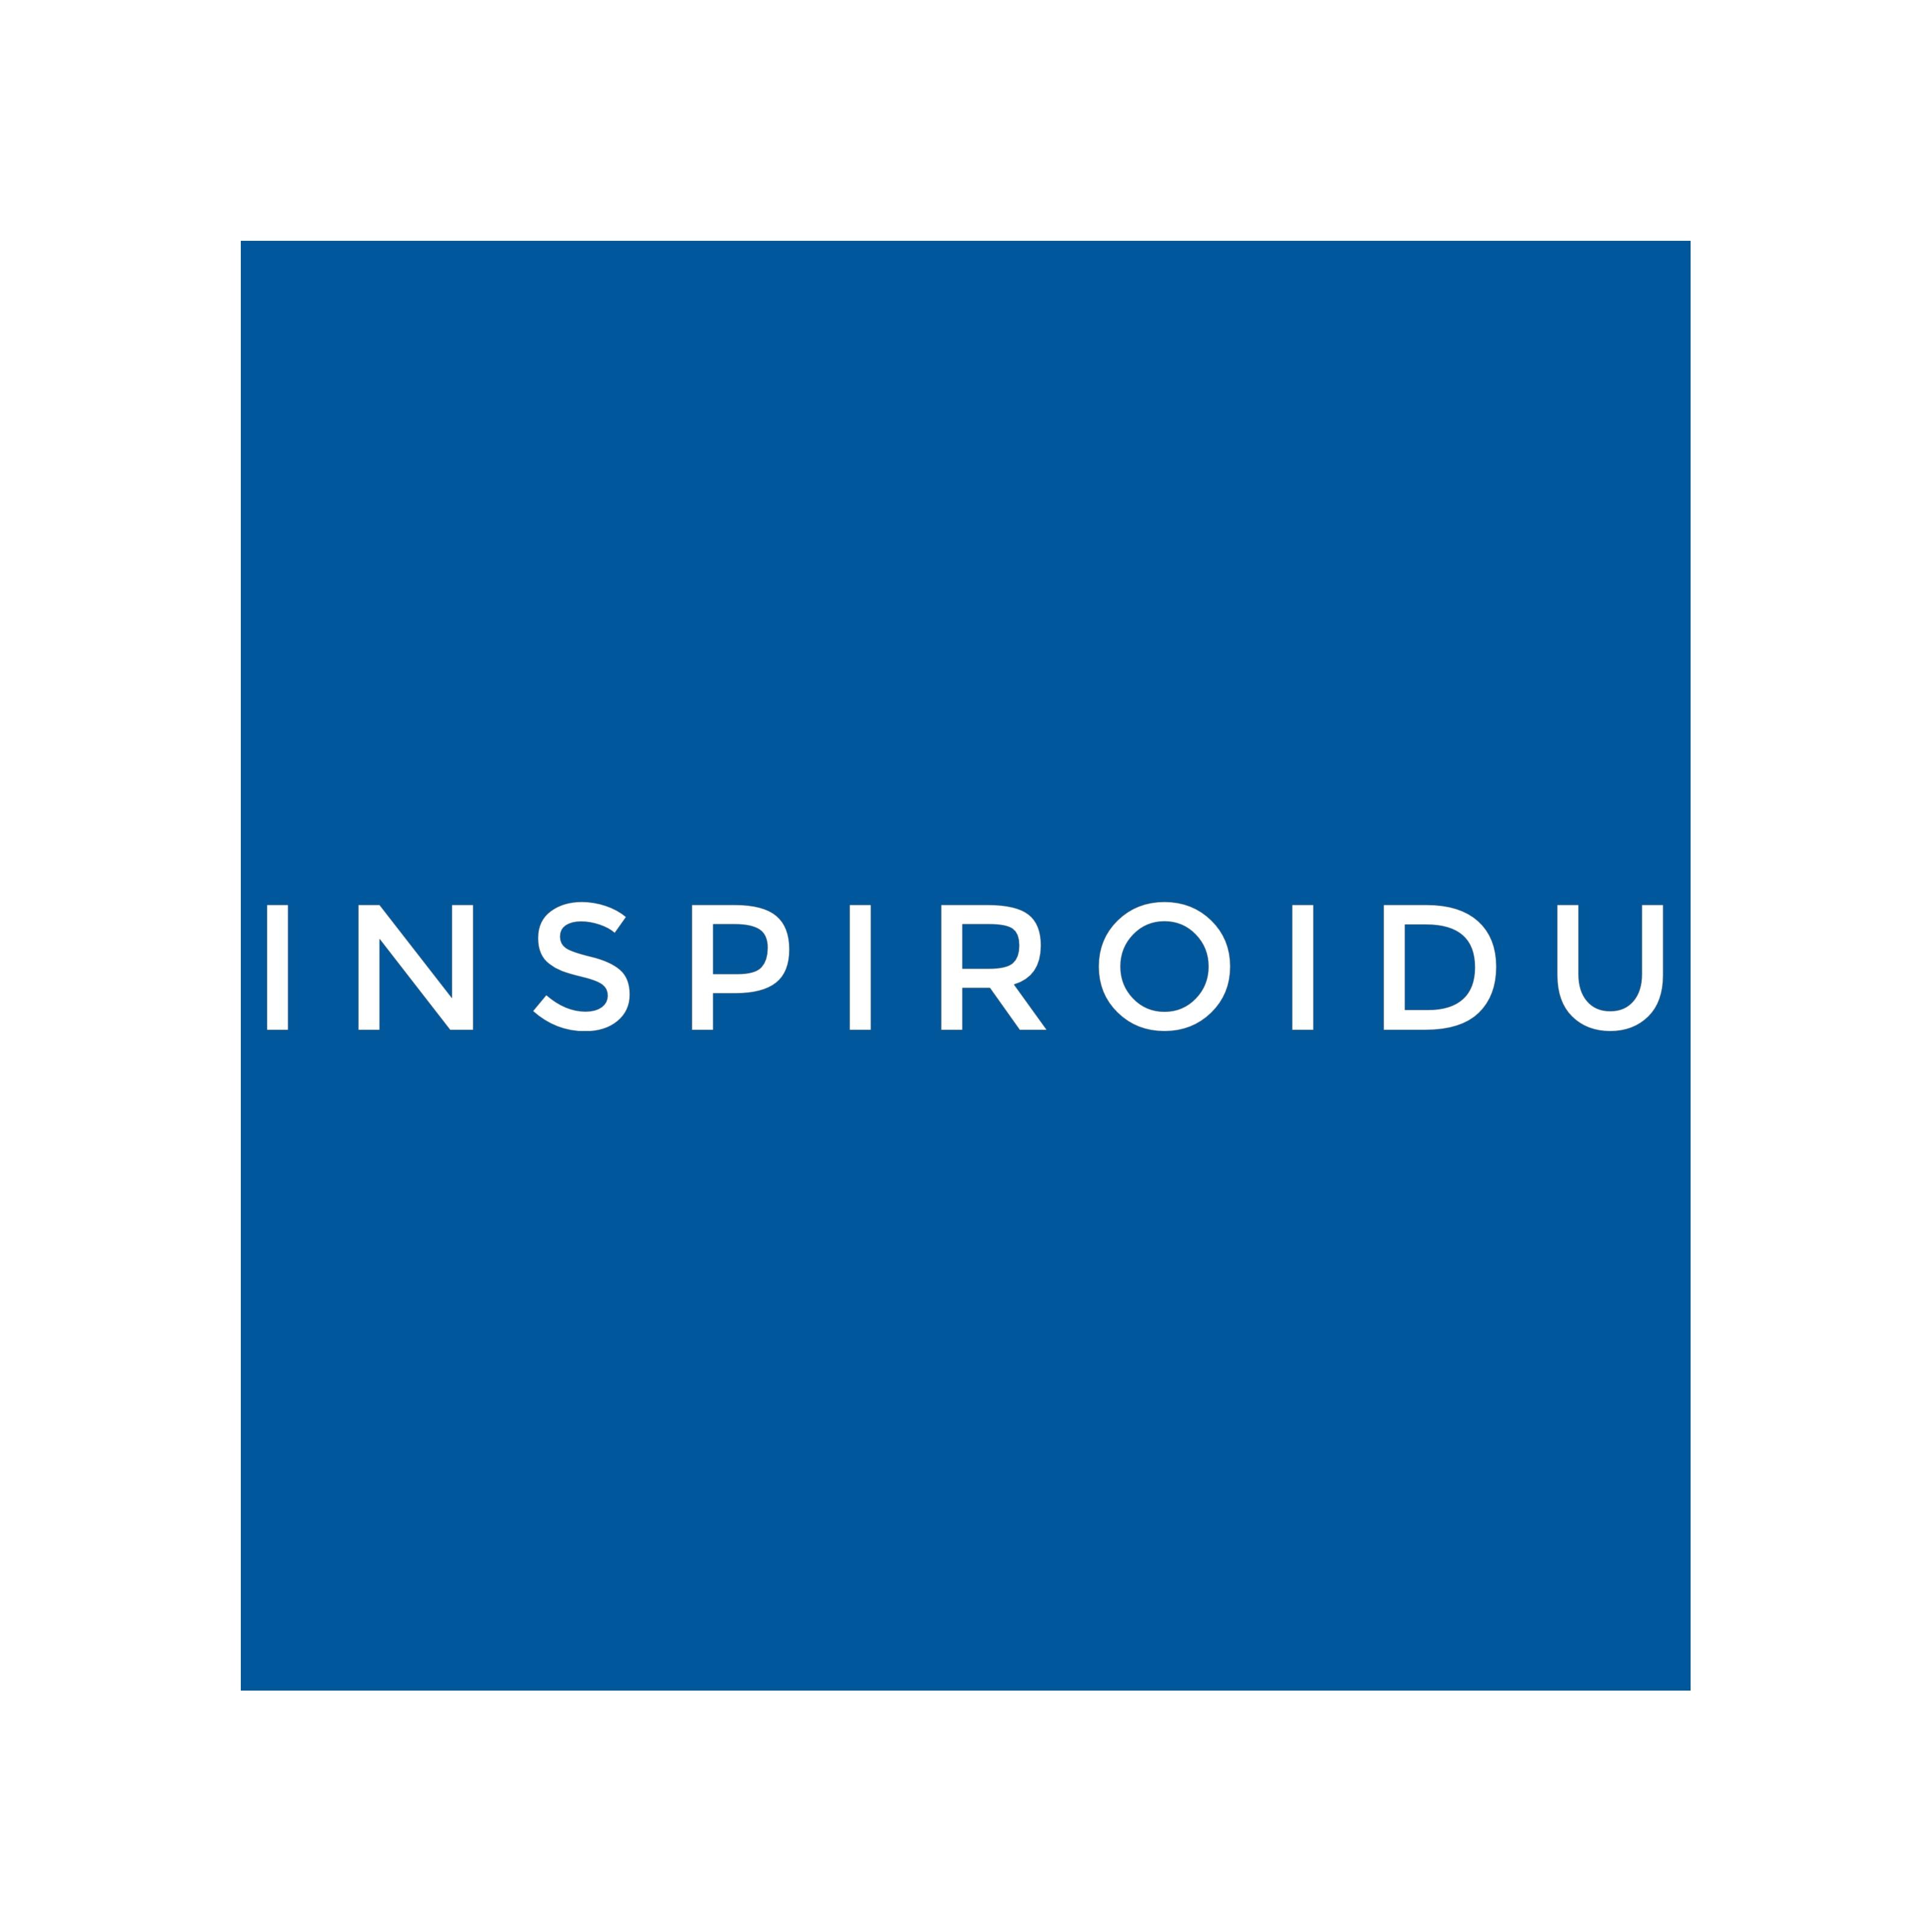 inspiroidu2018_ekohelsinki